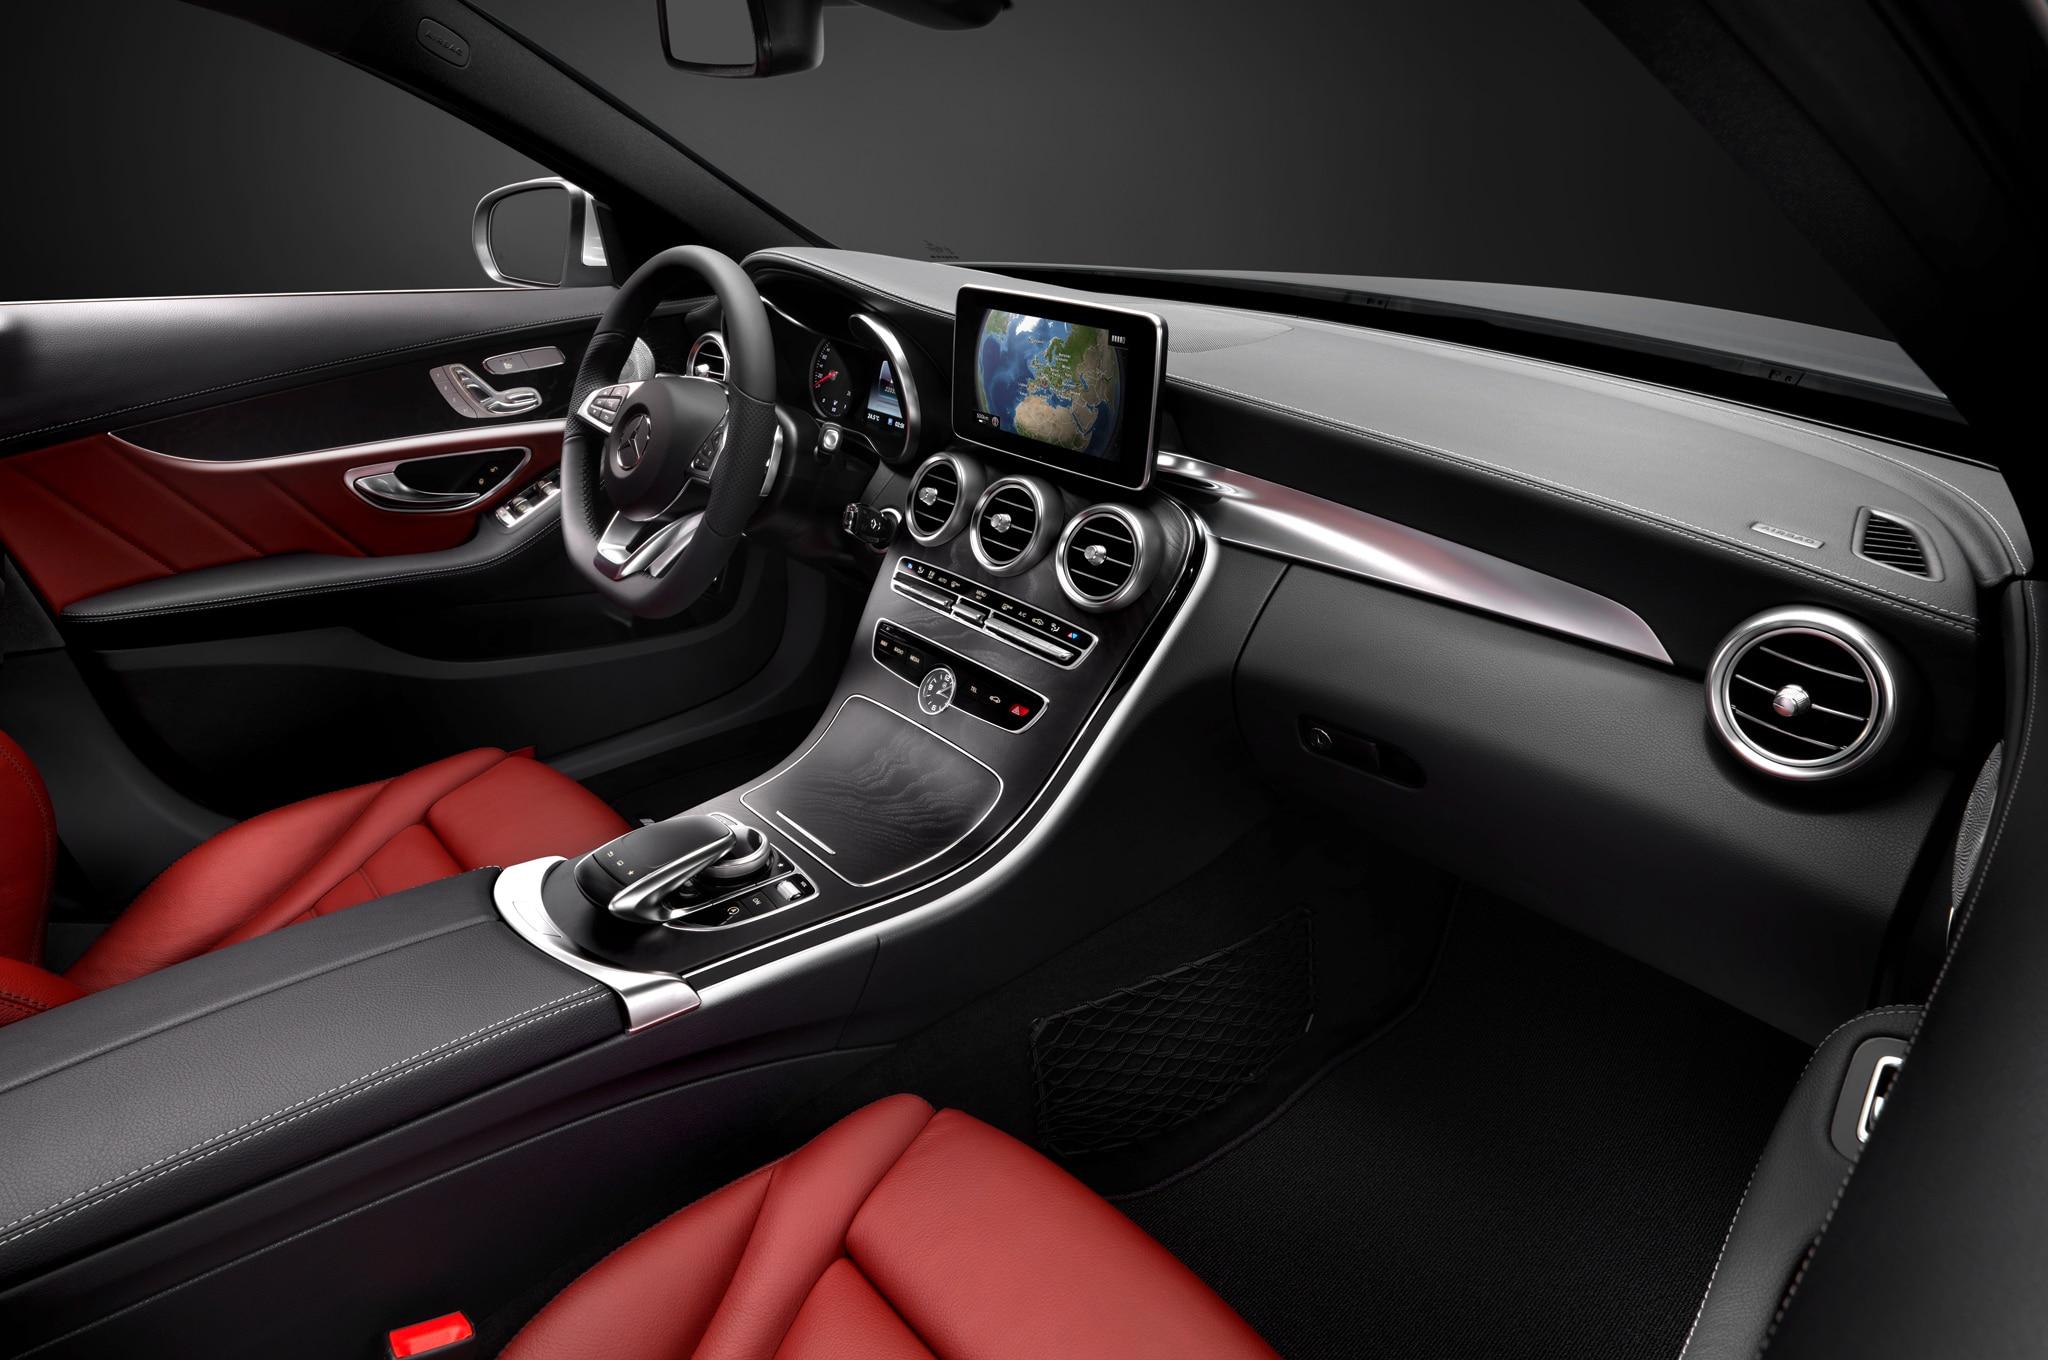 2015 Mercedes Benz C Class Interior 11